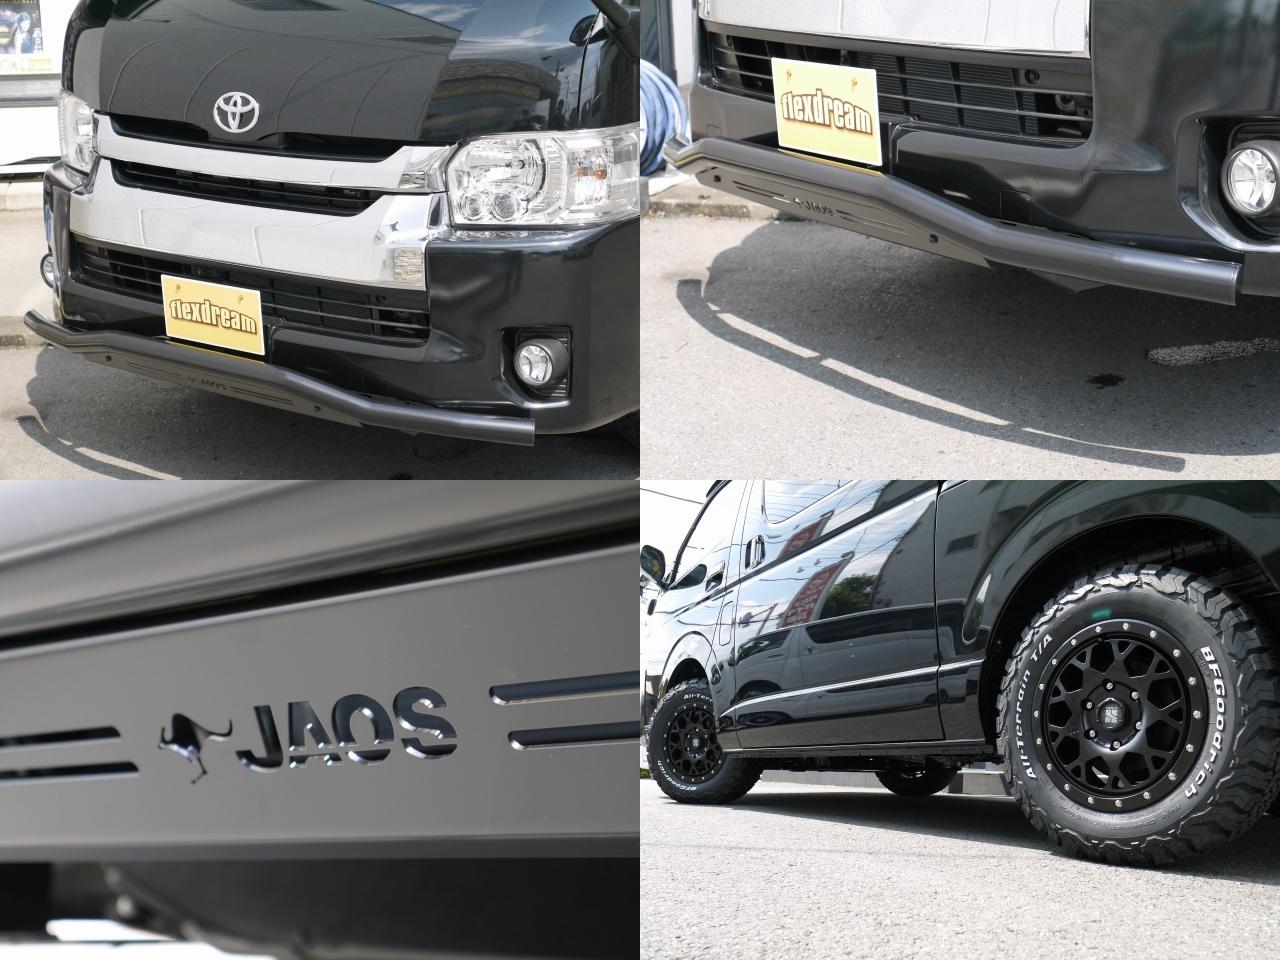 JAOS:フロントスキッドバー&プレート【ブラック/ブラック】